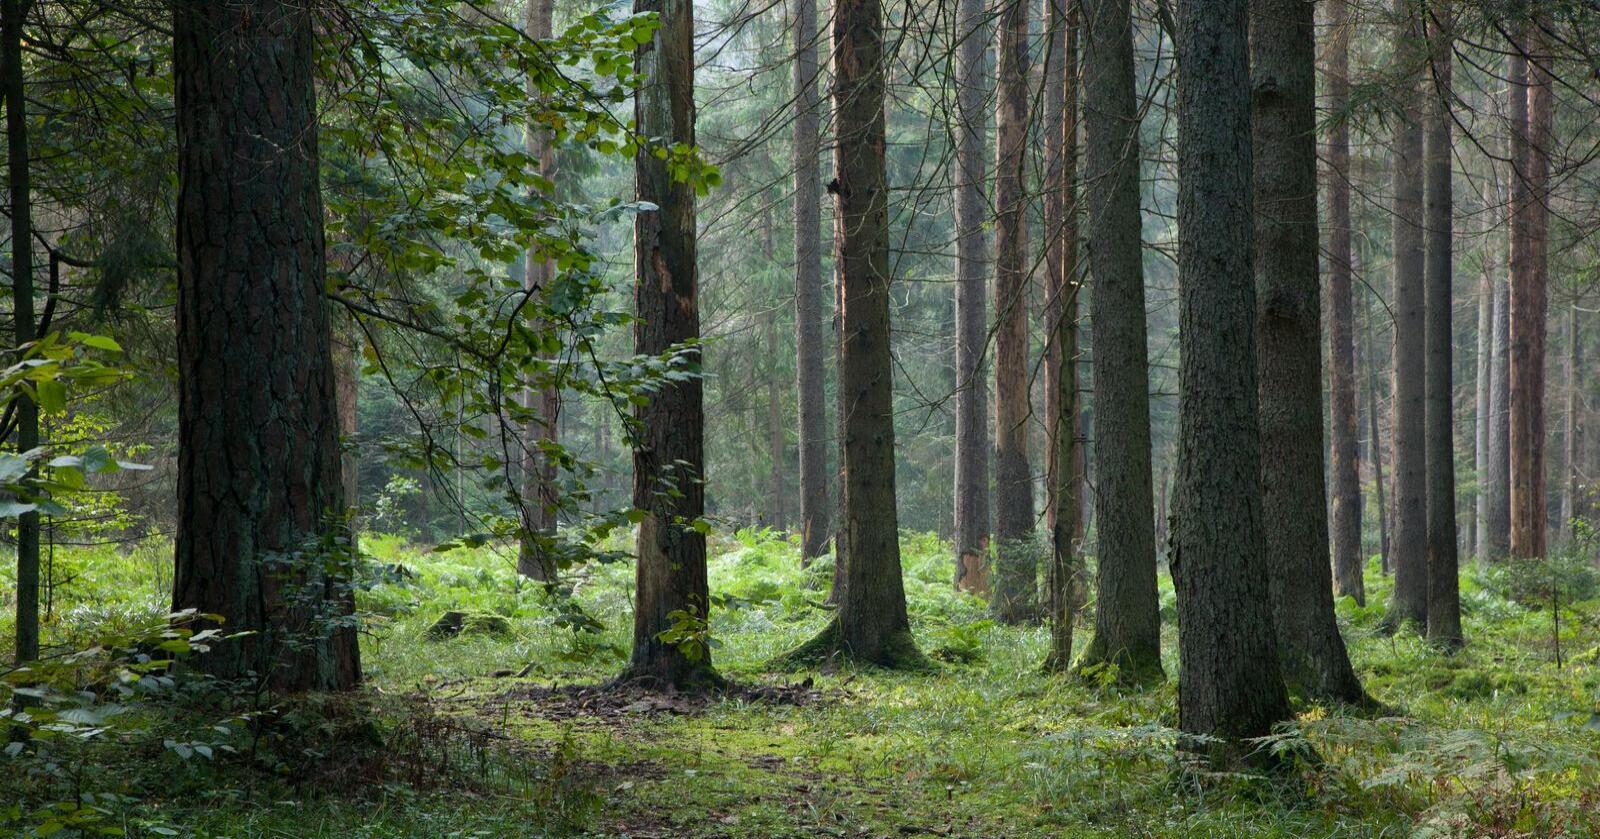 Forsterka rolle: Gjennom kommunereformen fikk kommunene en forsterka rolle som skogmyndighet. For skogbruket og skognæringa er det viktig at kommunene fyller rollen sin på en god måte, skriver innsenderne. Foto: Mostphotos